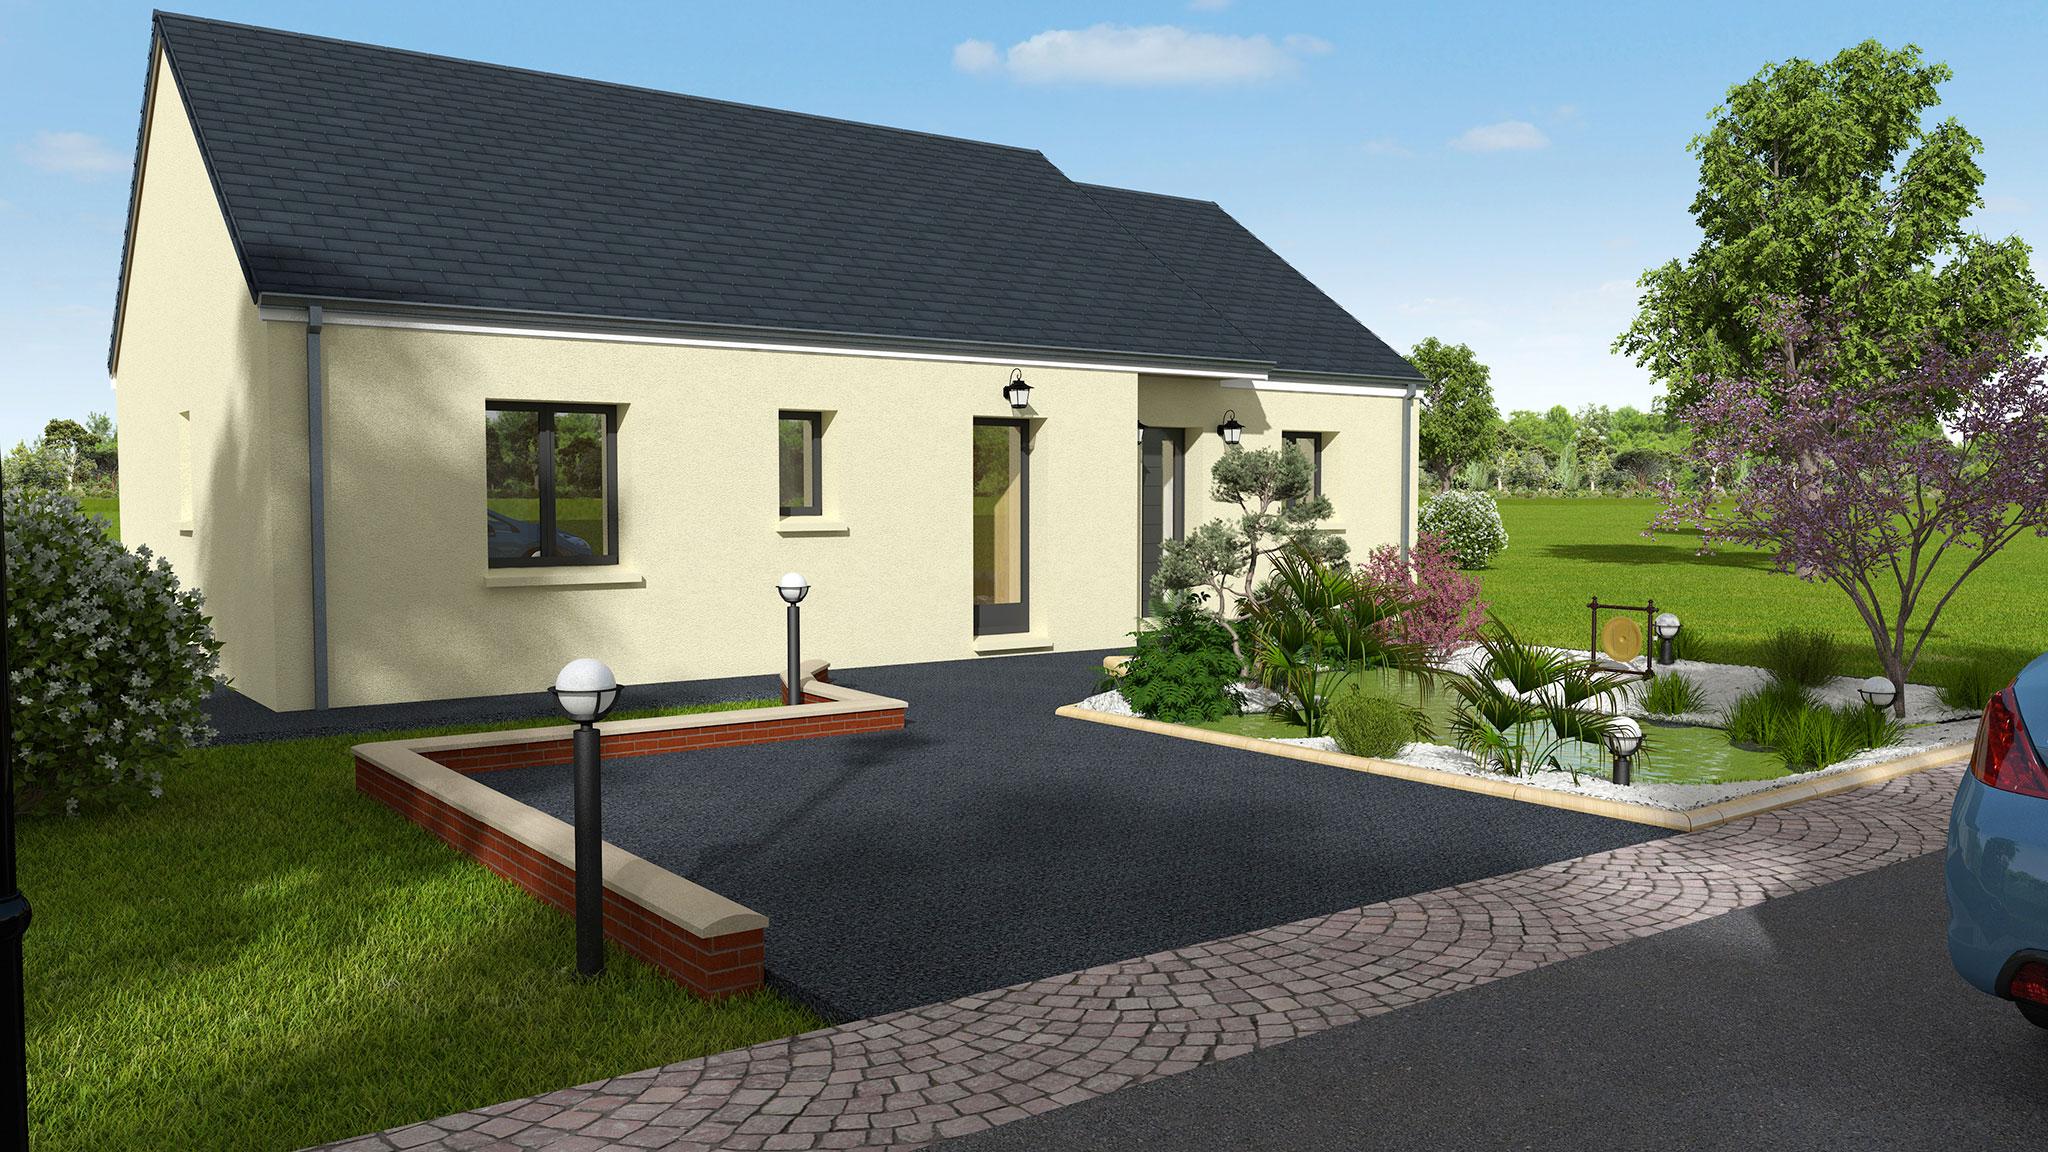 Mod le de maison traditionnelle de plain pied en indre et loire dmo constructions - Descriptif construction maison individuelle ...